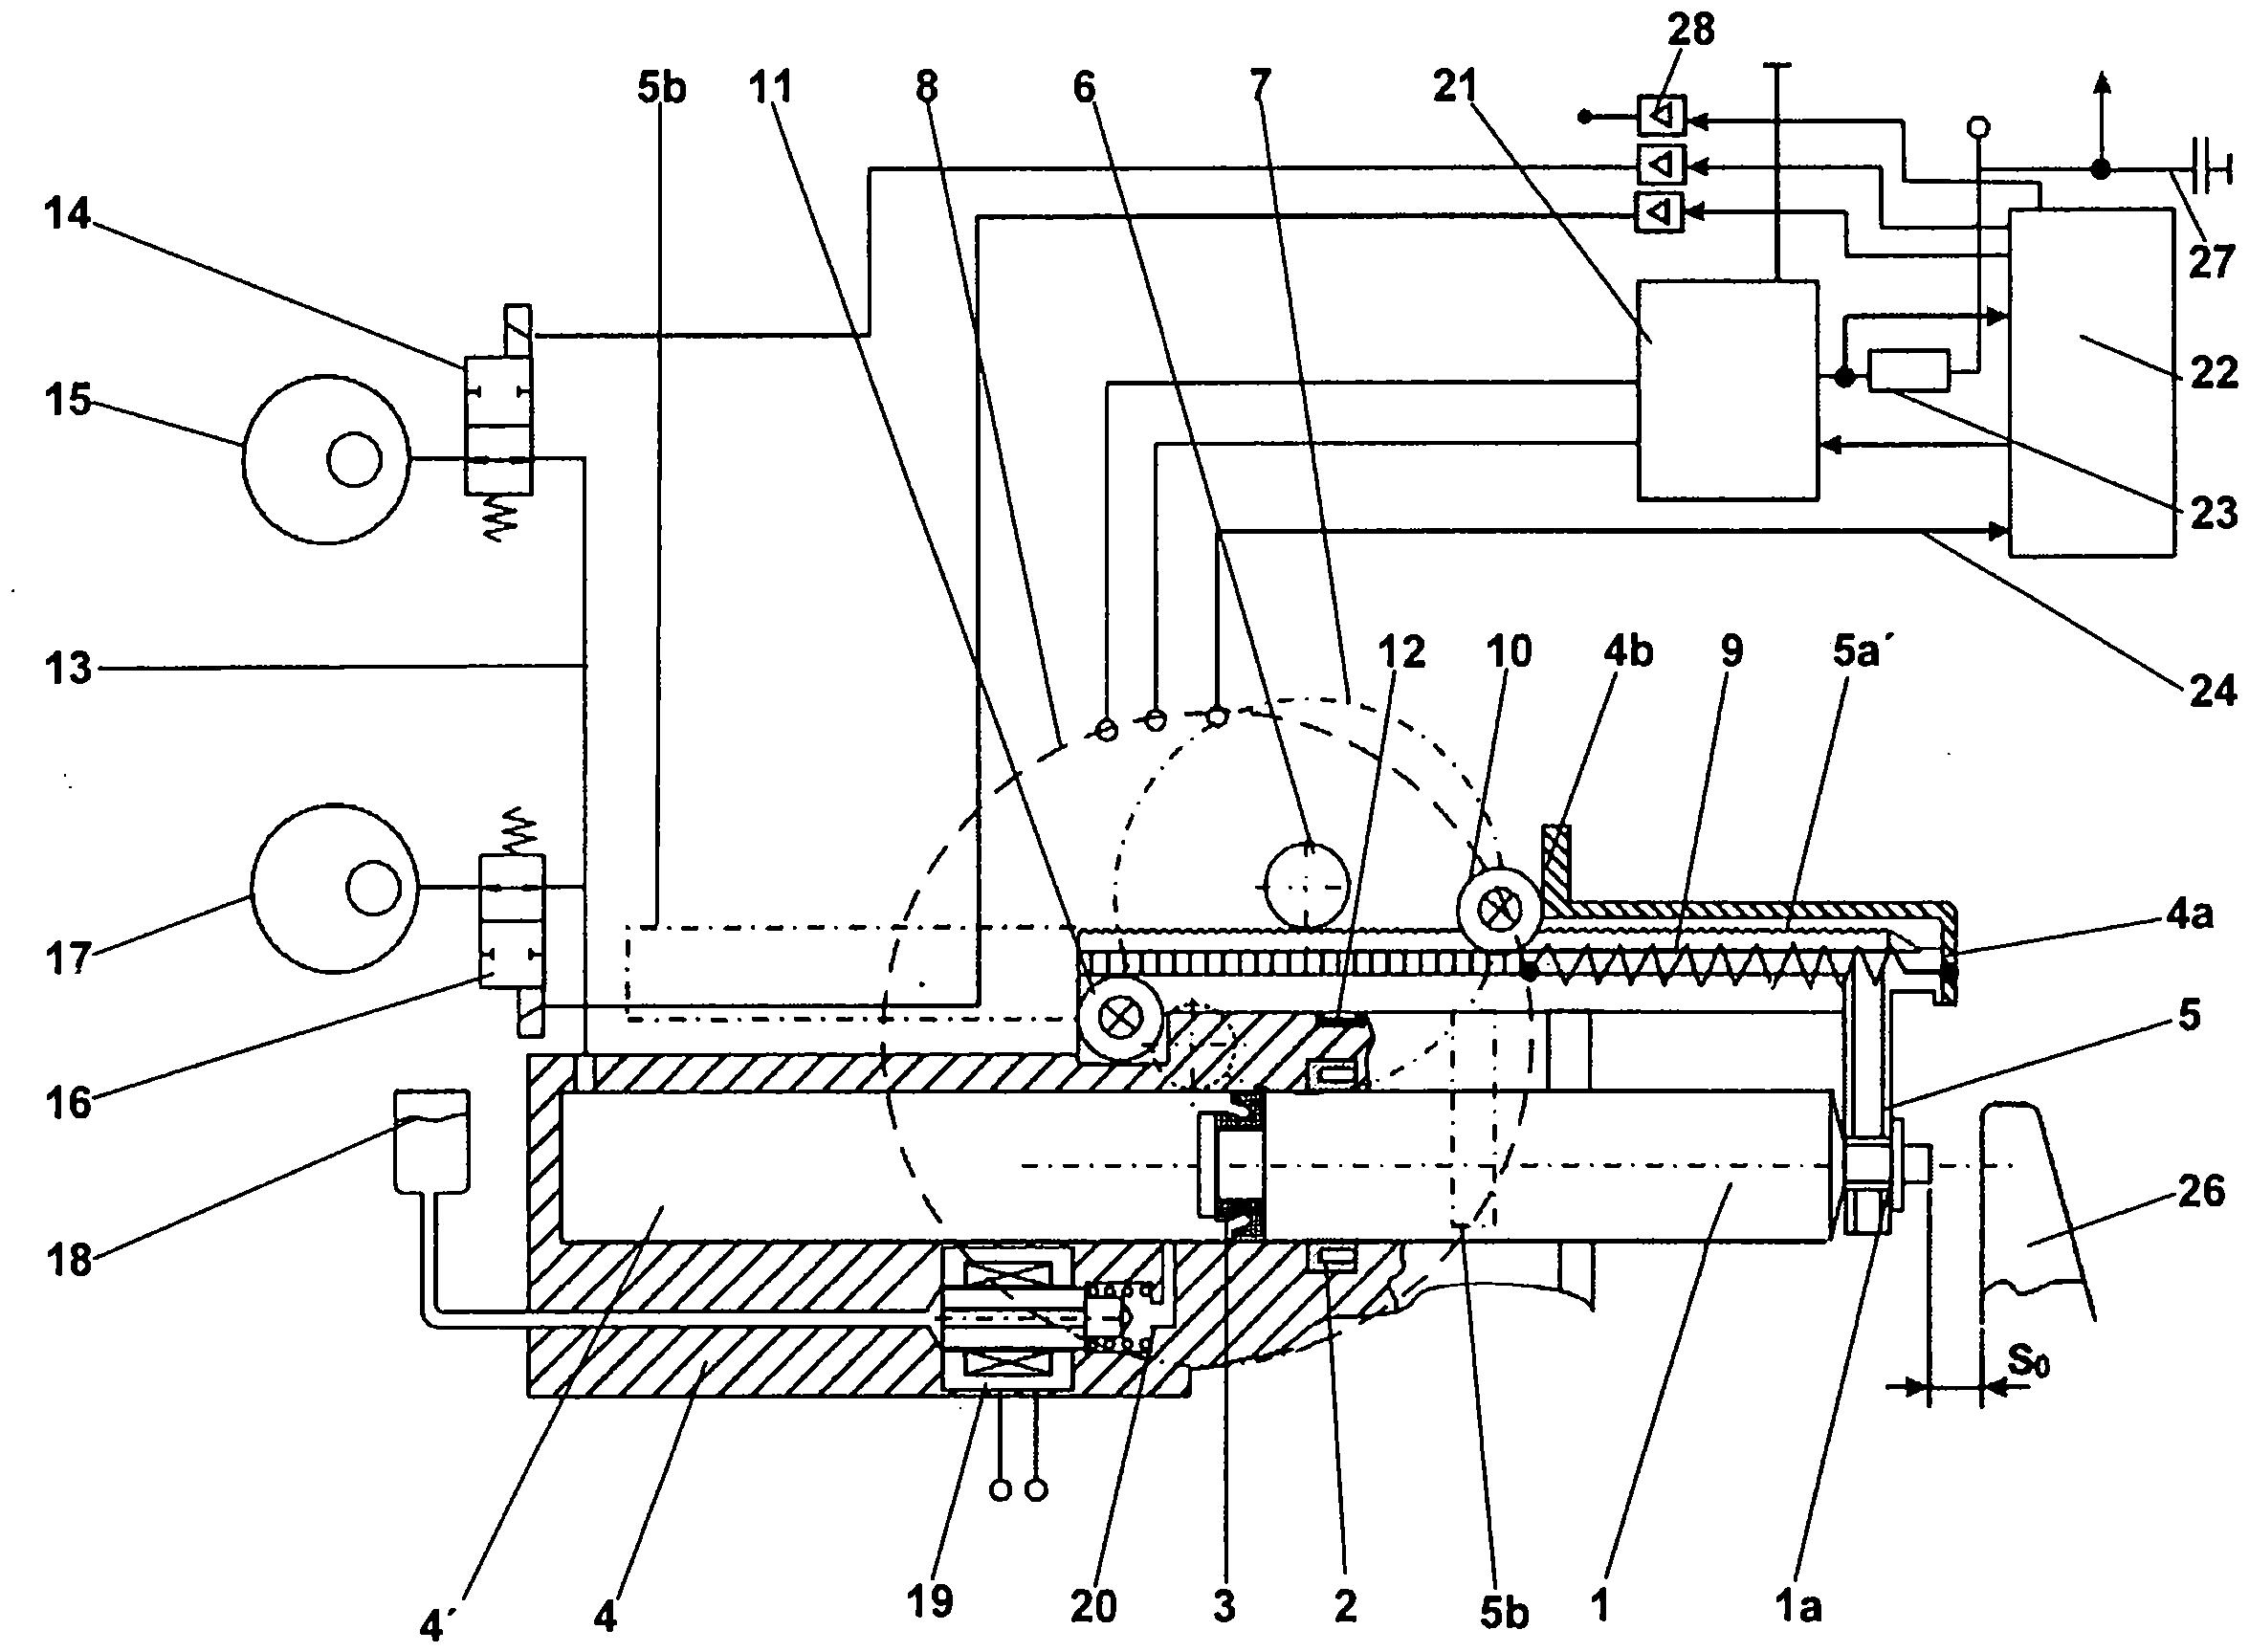 Figure DE102005055751B4_0000